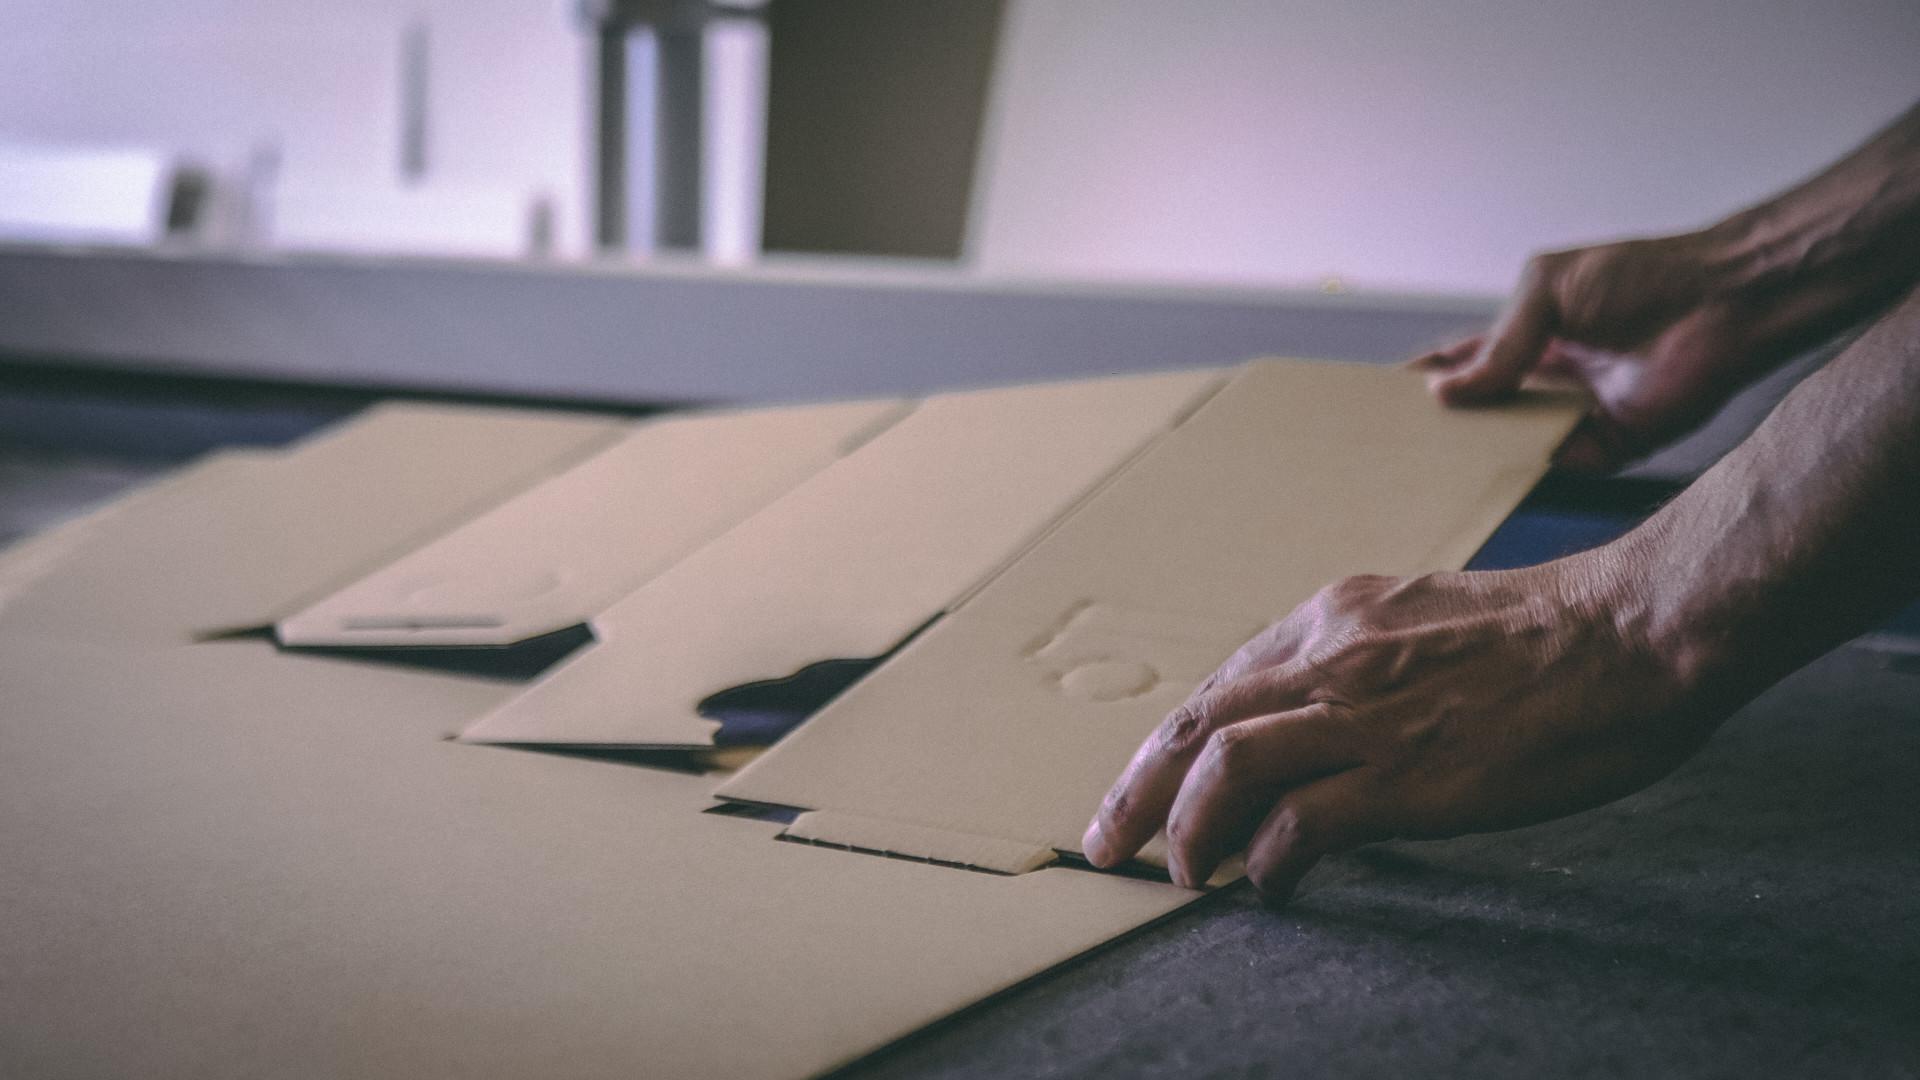 prototypage packaging sur mesure 3D decoupe laser finition